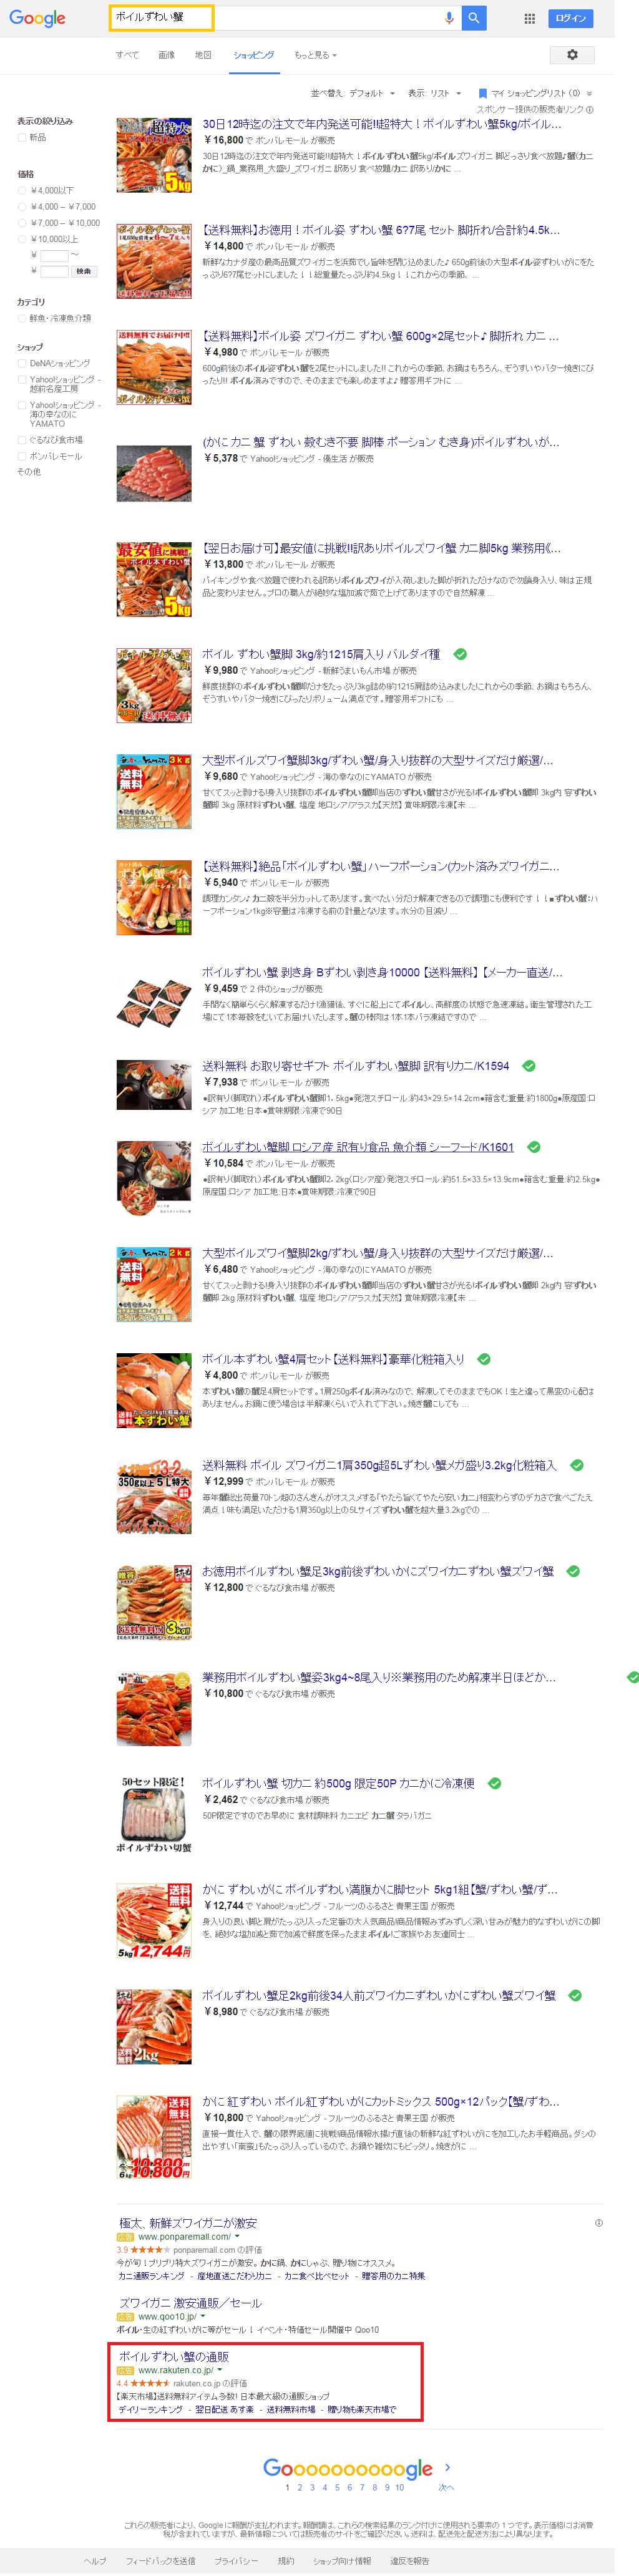 ボイルずわい蟹   Google 検索2.png